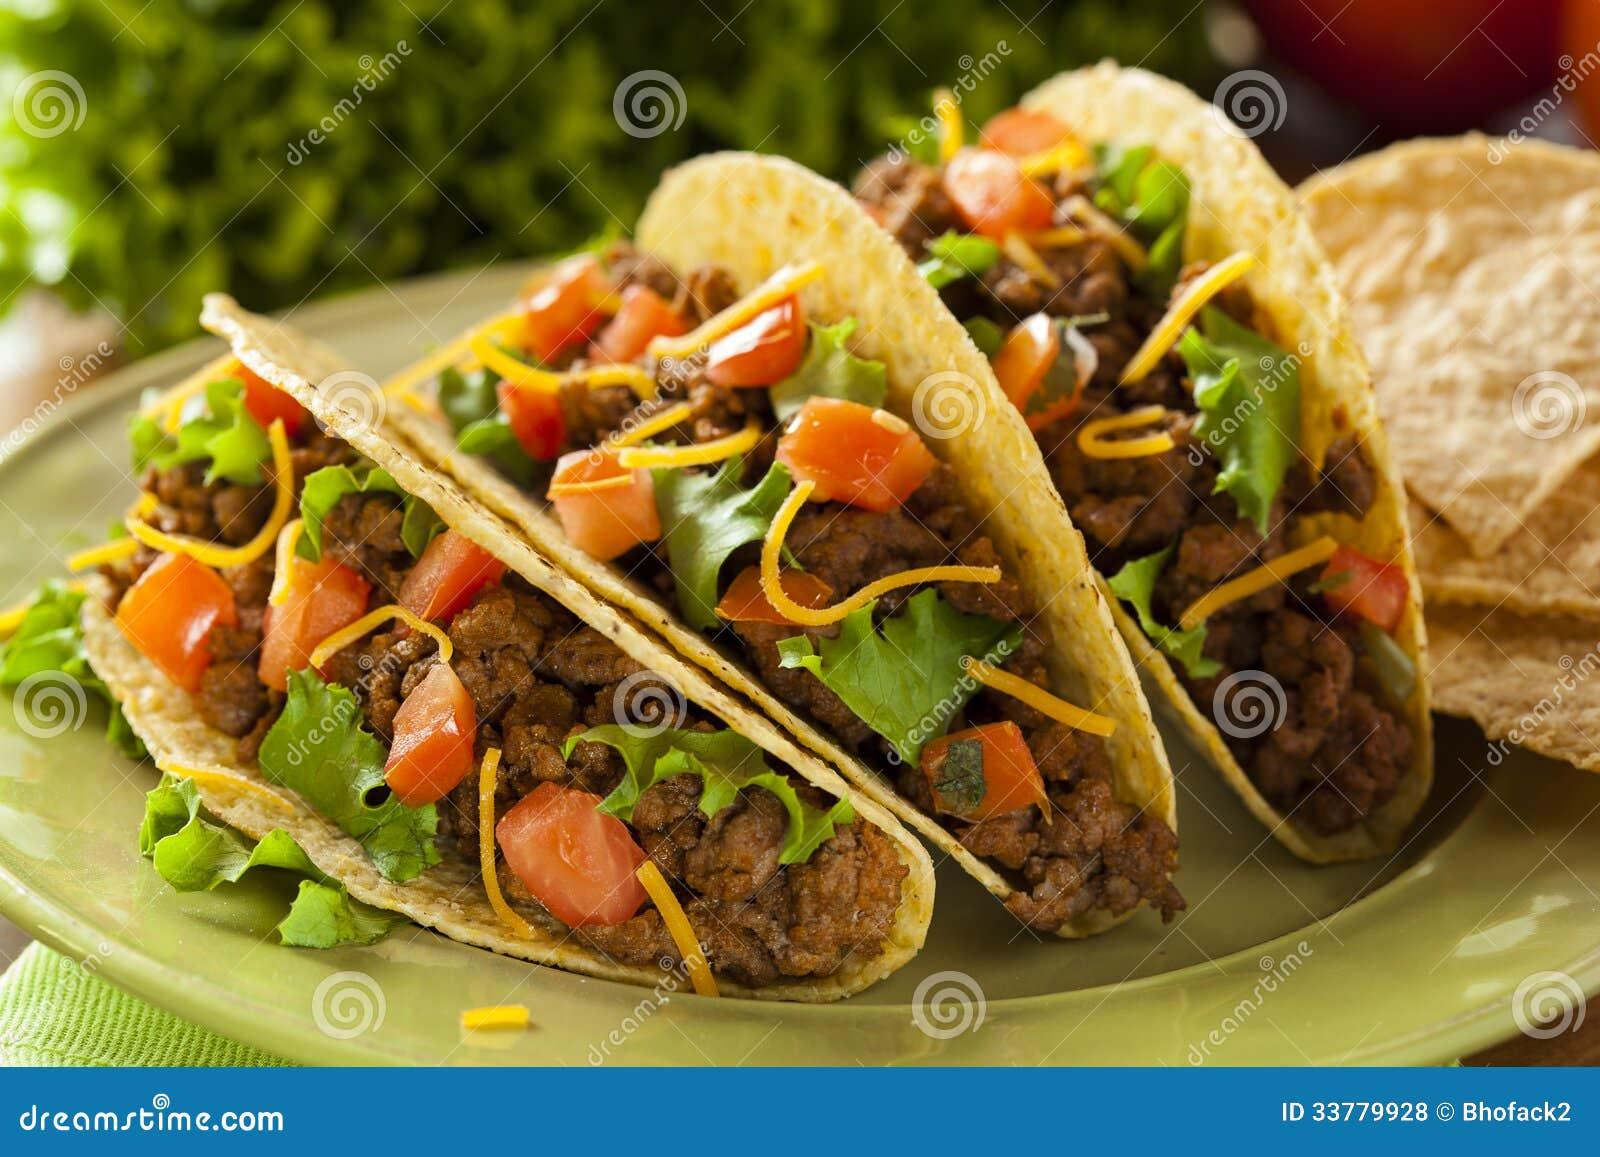 Tacos Fait Maison De Boeuf Haché Photos libres de droits - Image: 33779928